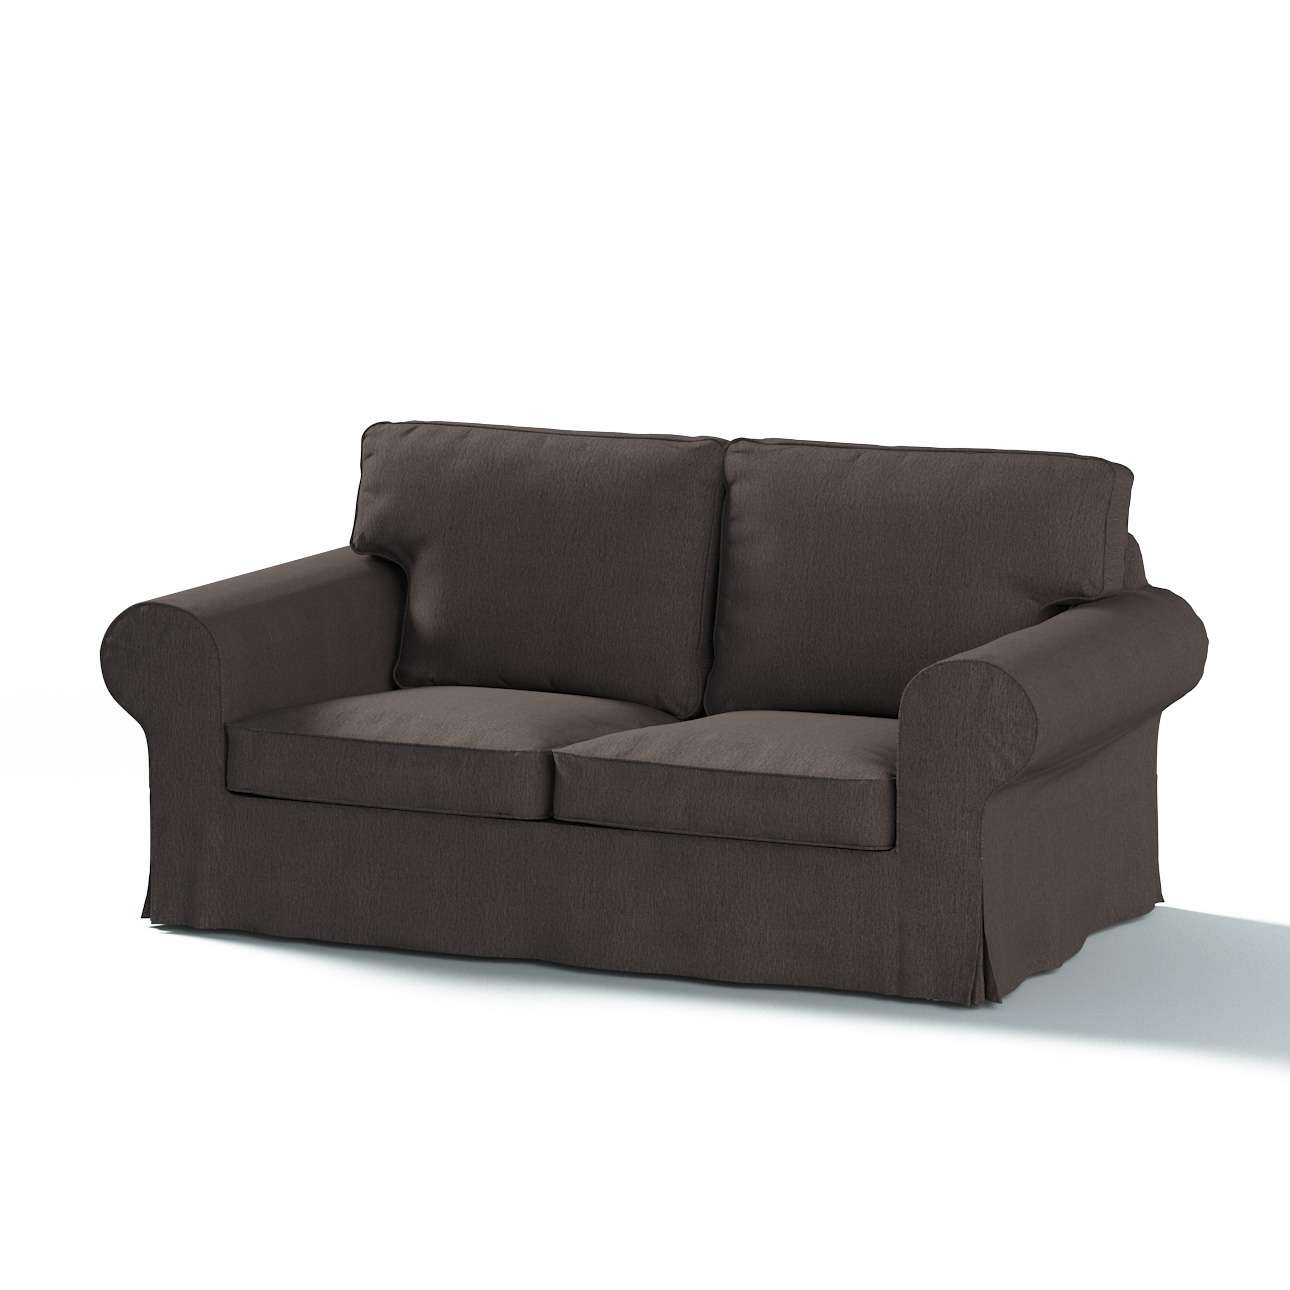 Pokrowiec na sofę Ektorp 2-osobową, nierozkładaną Sofa Ektorp 2-osobowa w kolekcji Chenille, tkanina: 702-20